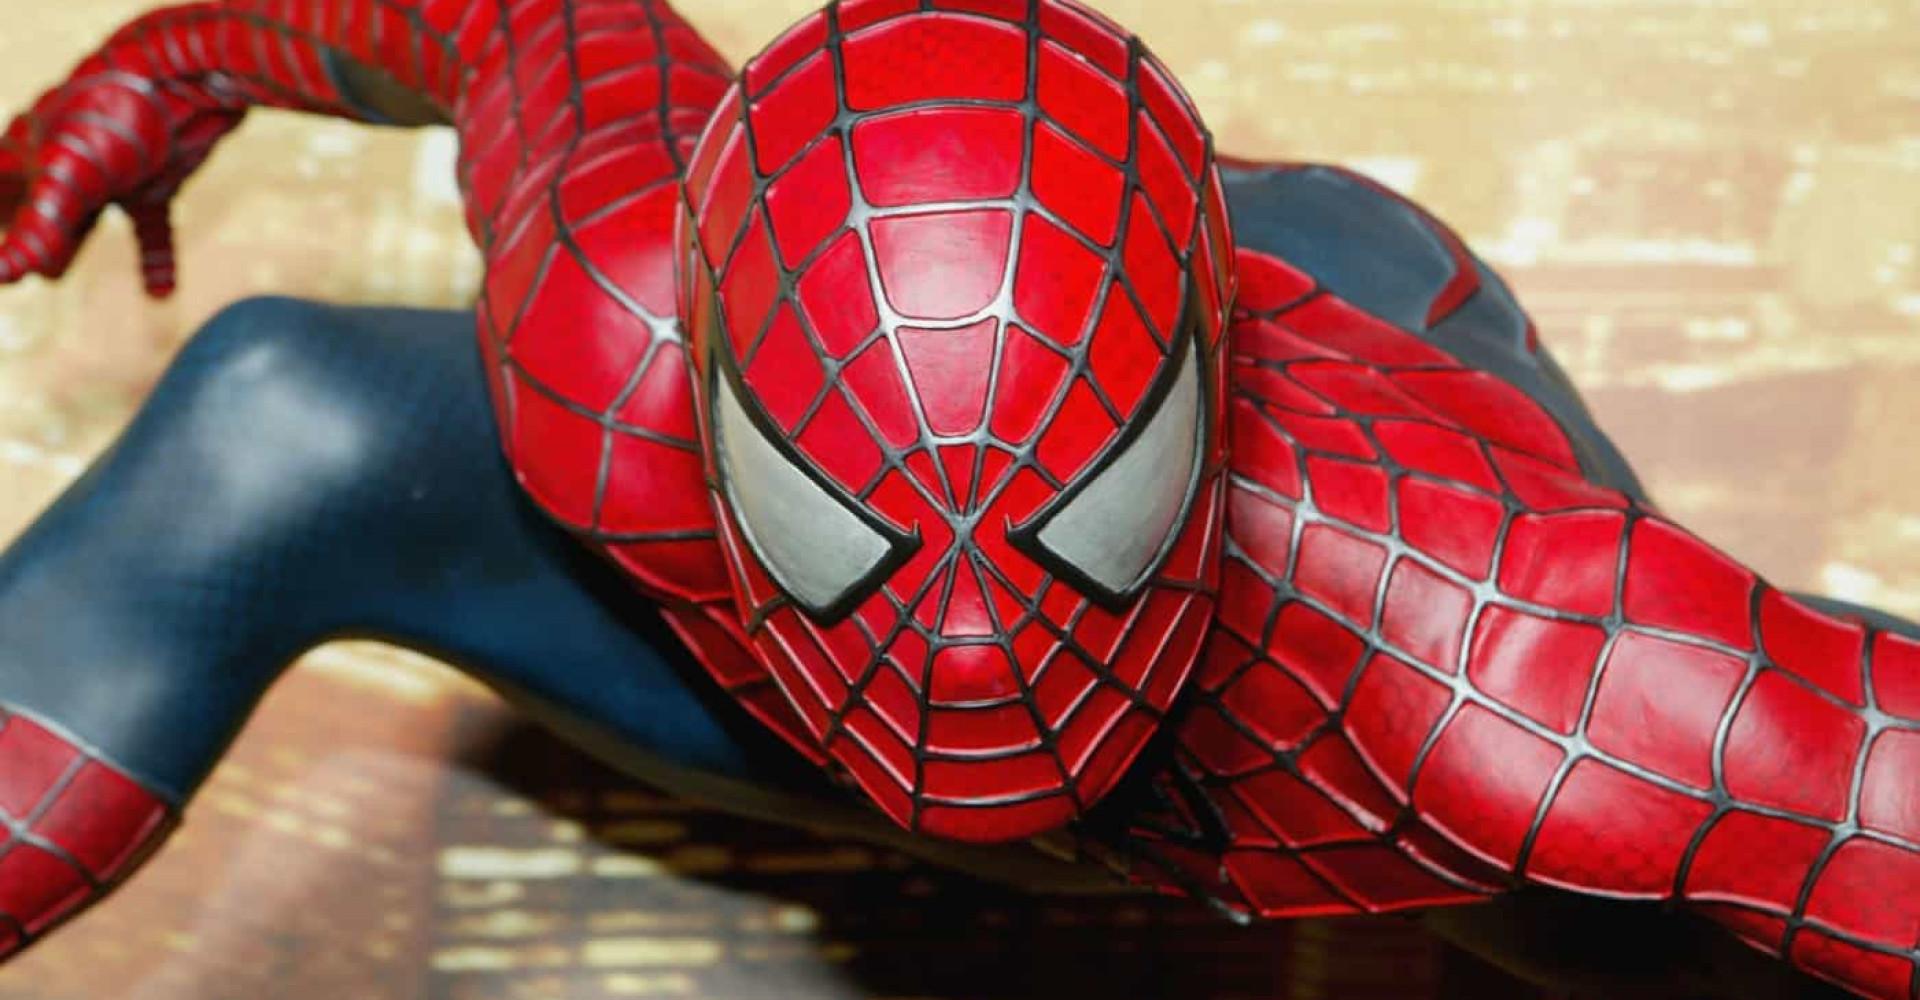 Spiderman arriva a Venezia, scopri quali sono gli altri film girati in Italia